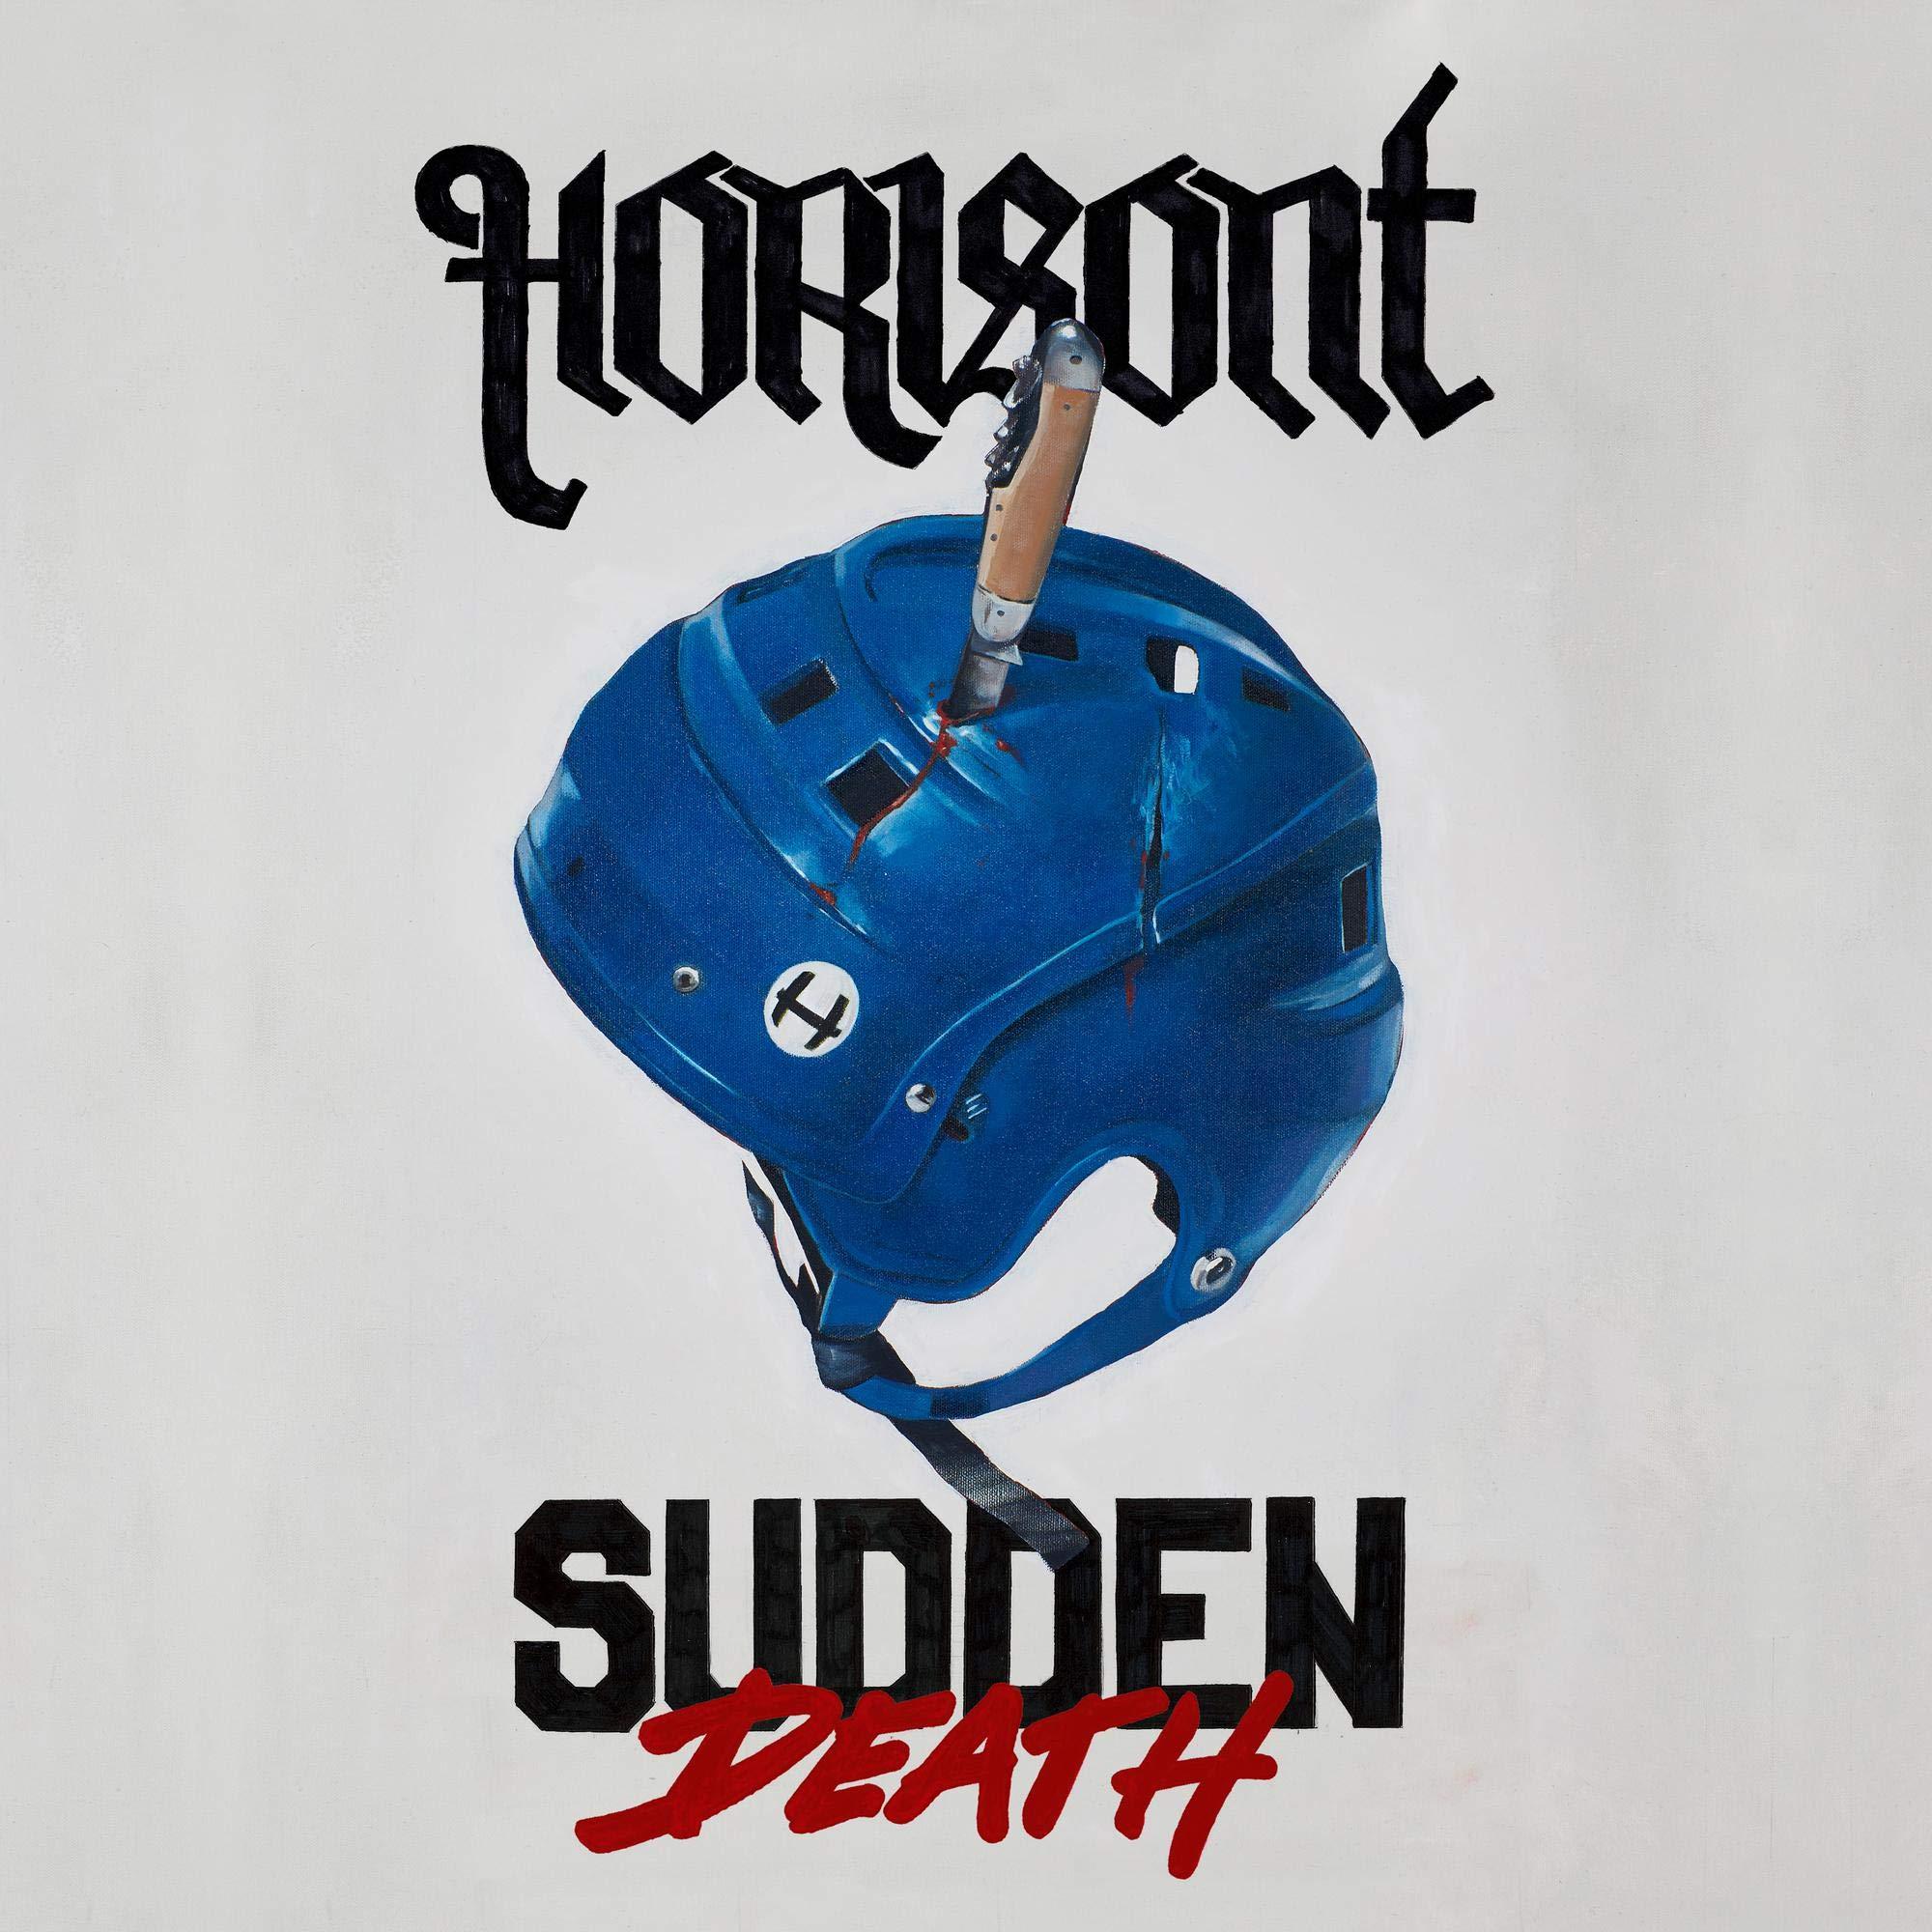 Horisont - Sudden Death (2020) [FLAC] Download